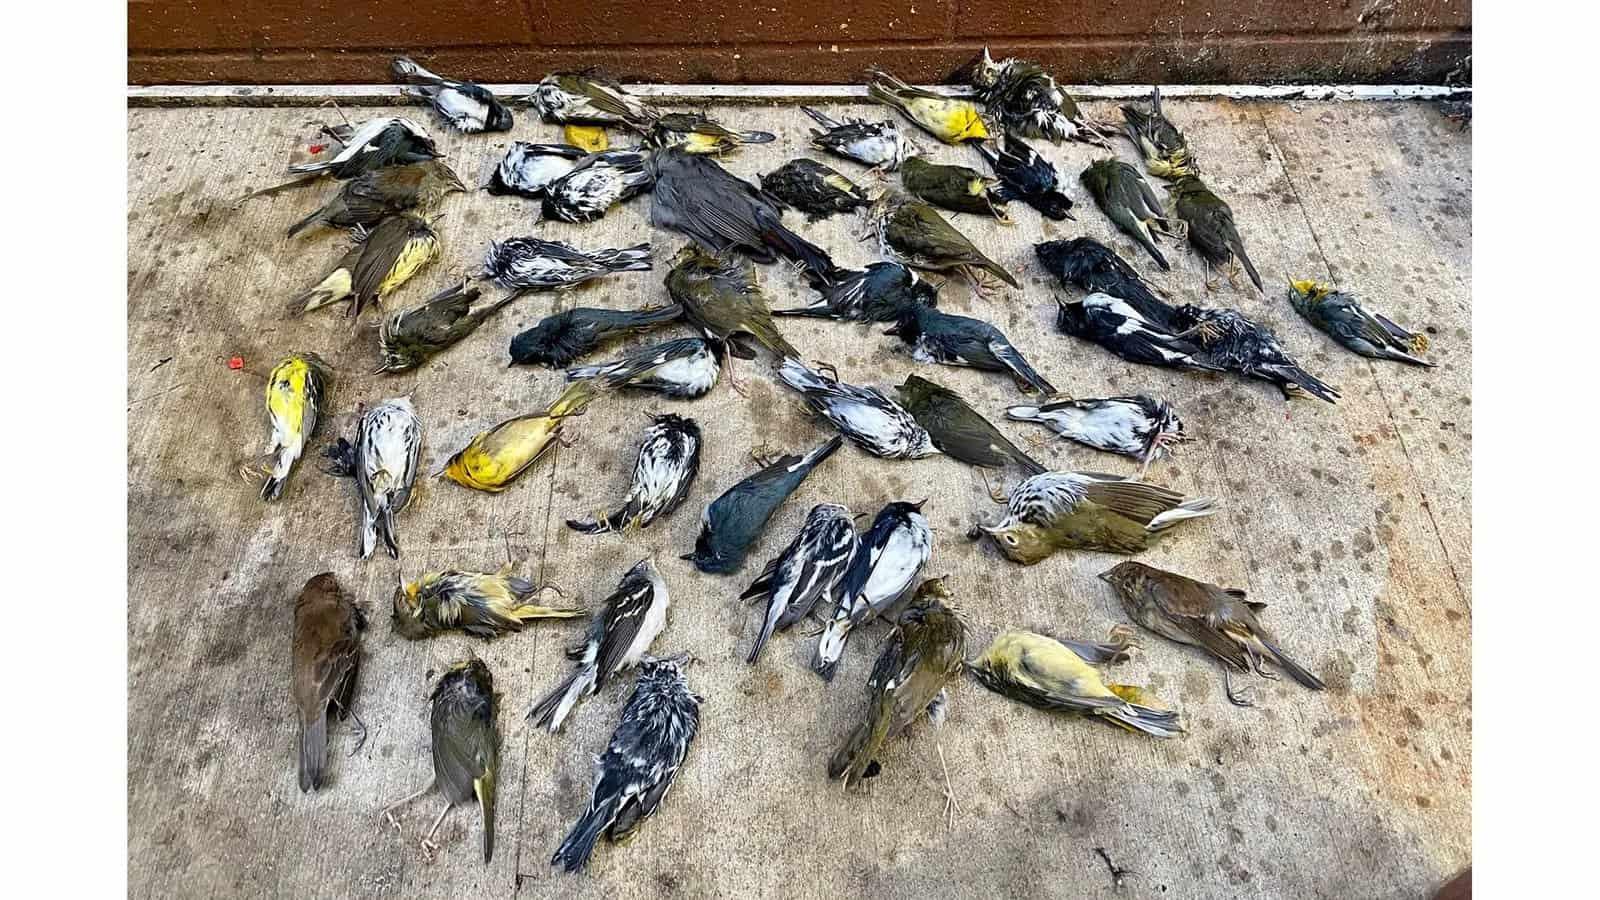 عينة من 400 طائر ميت في مدينة فيلادلفيا